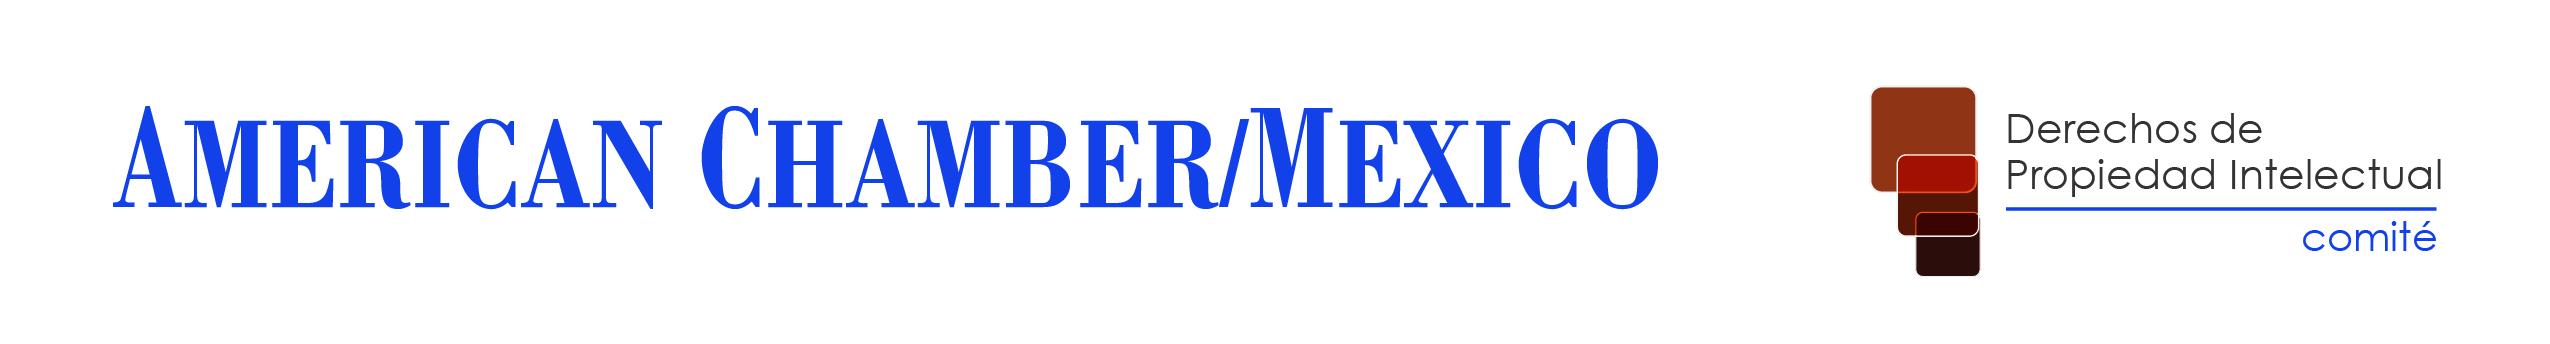 MX - Sesión Comité de Propiedad Intelectual